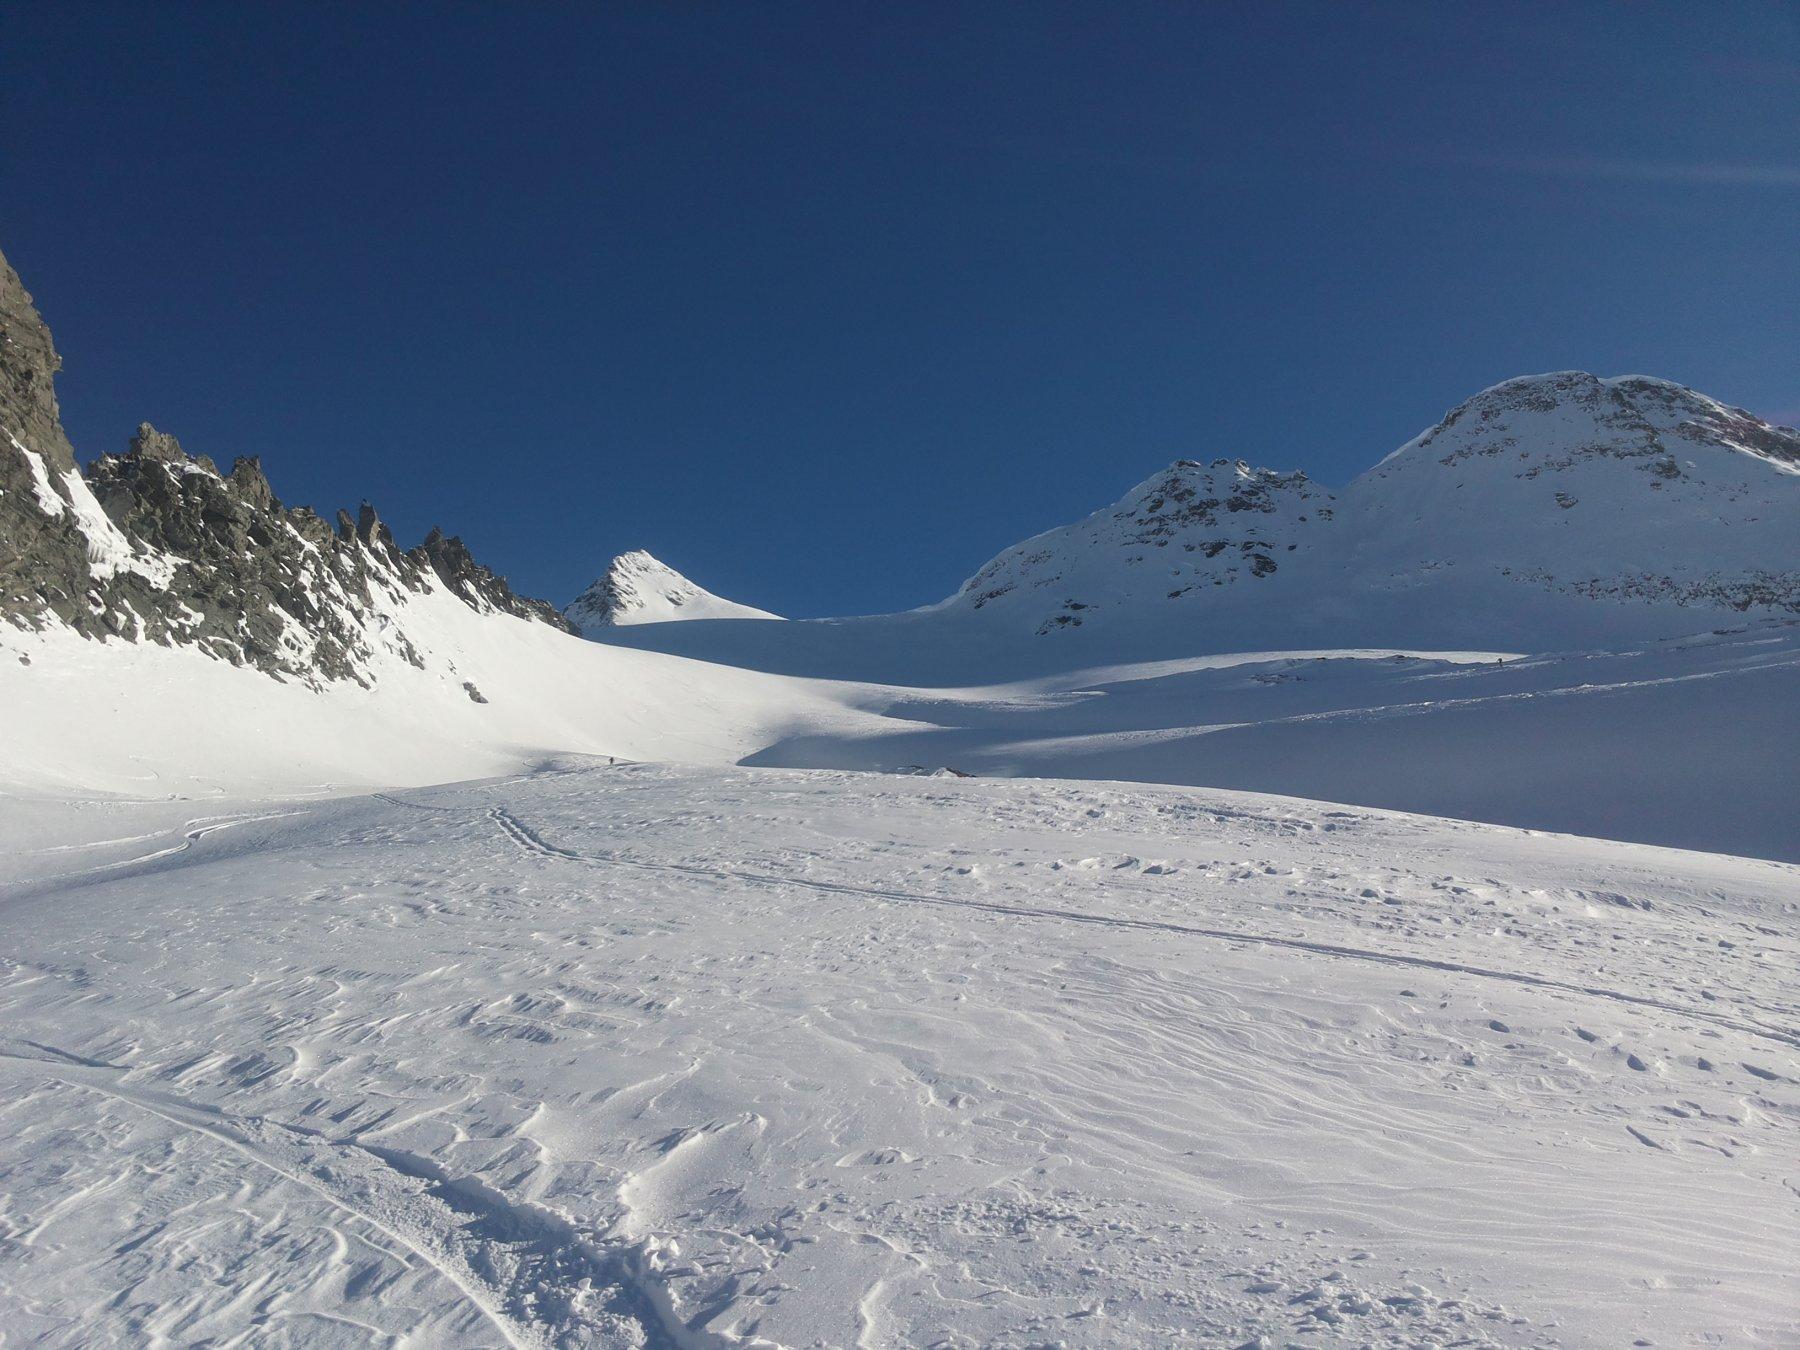 le belle curve sul piccolo ghiacciaio